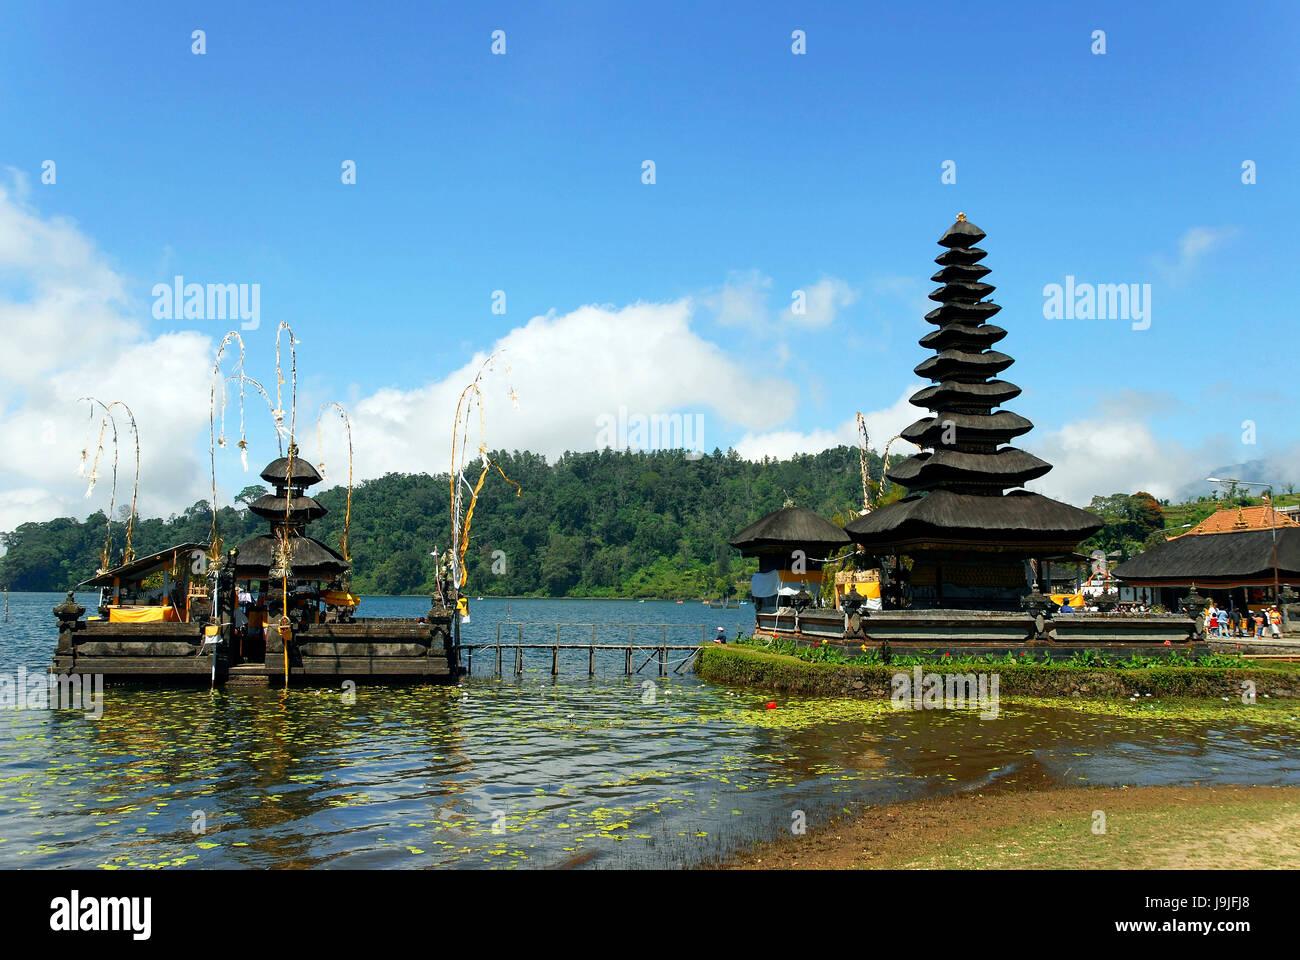 Indonesia Bali Island Bedugul Village Ulun Danu Temple On